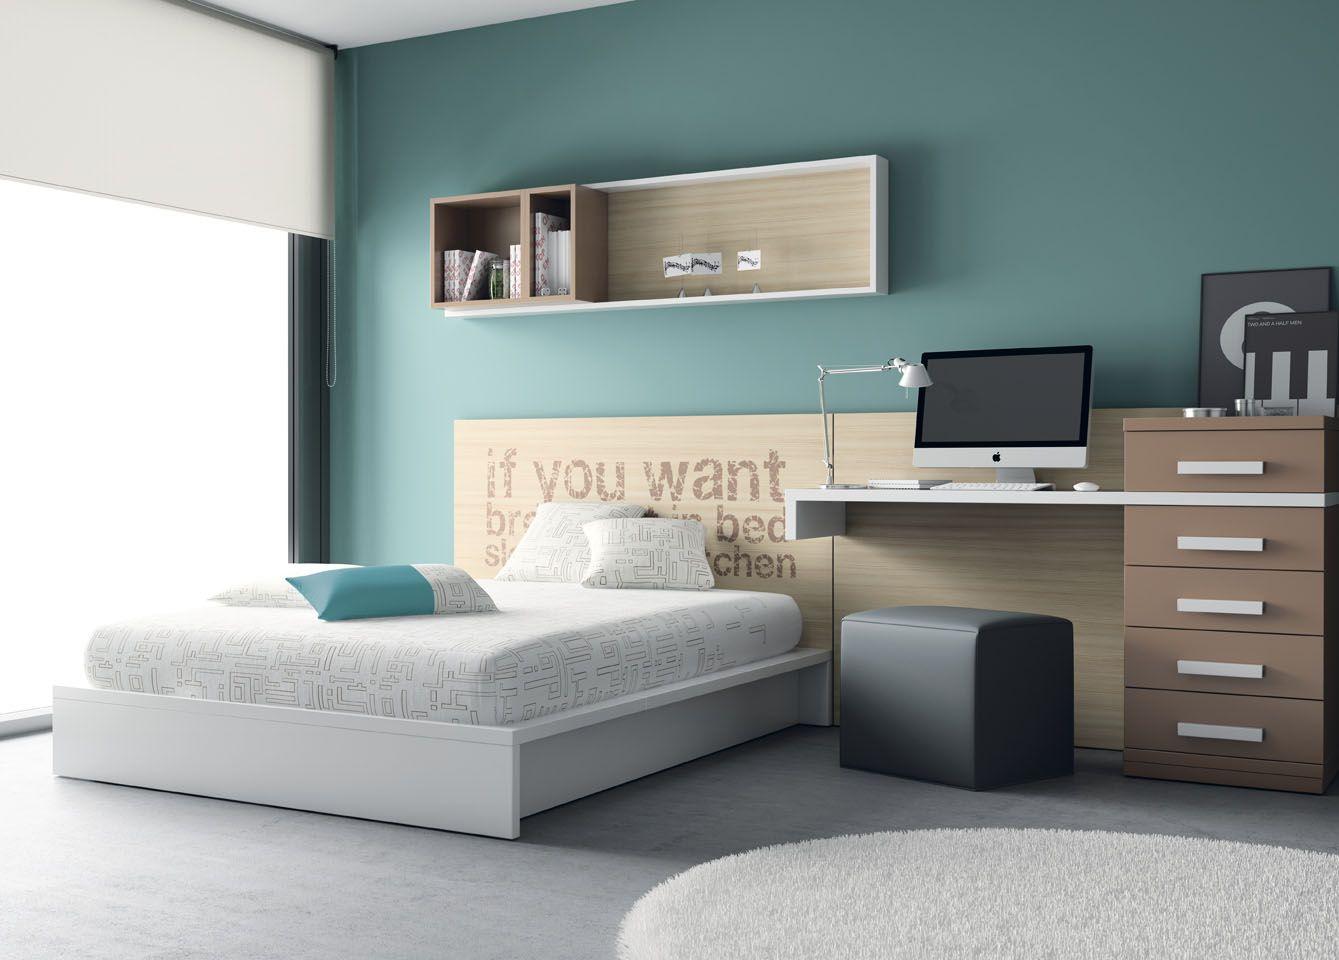 Habitaci n juvenil del cat logo de mueble juvenil kids up2 de muebles ros senior kids up 2 - Muebles habitacion juvenil ...